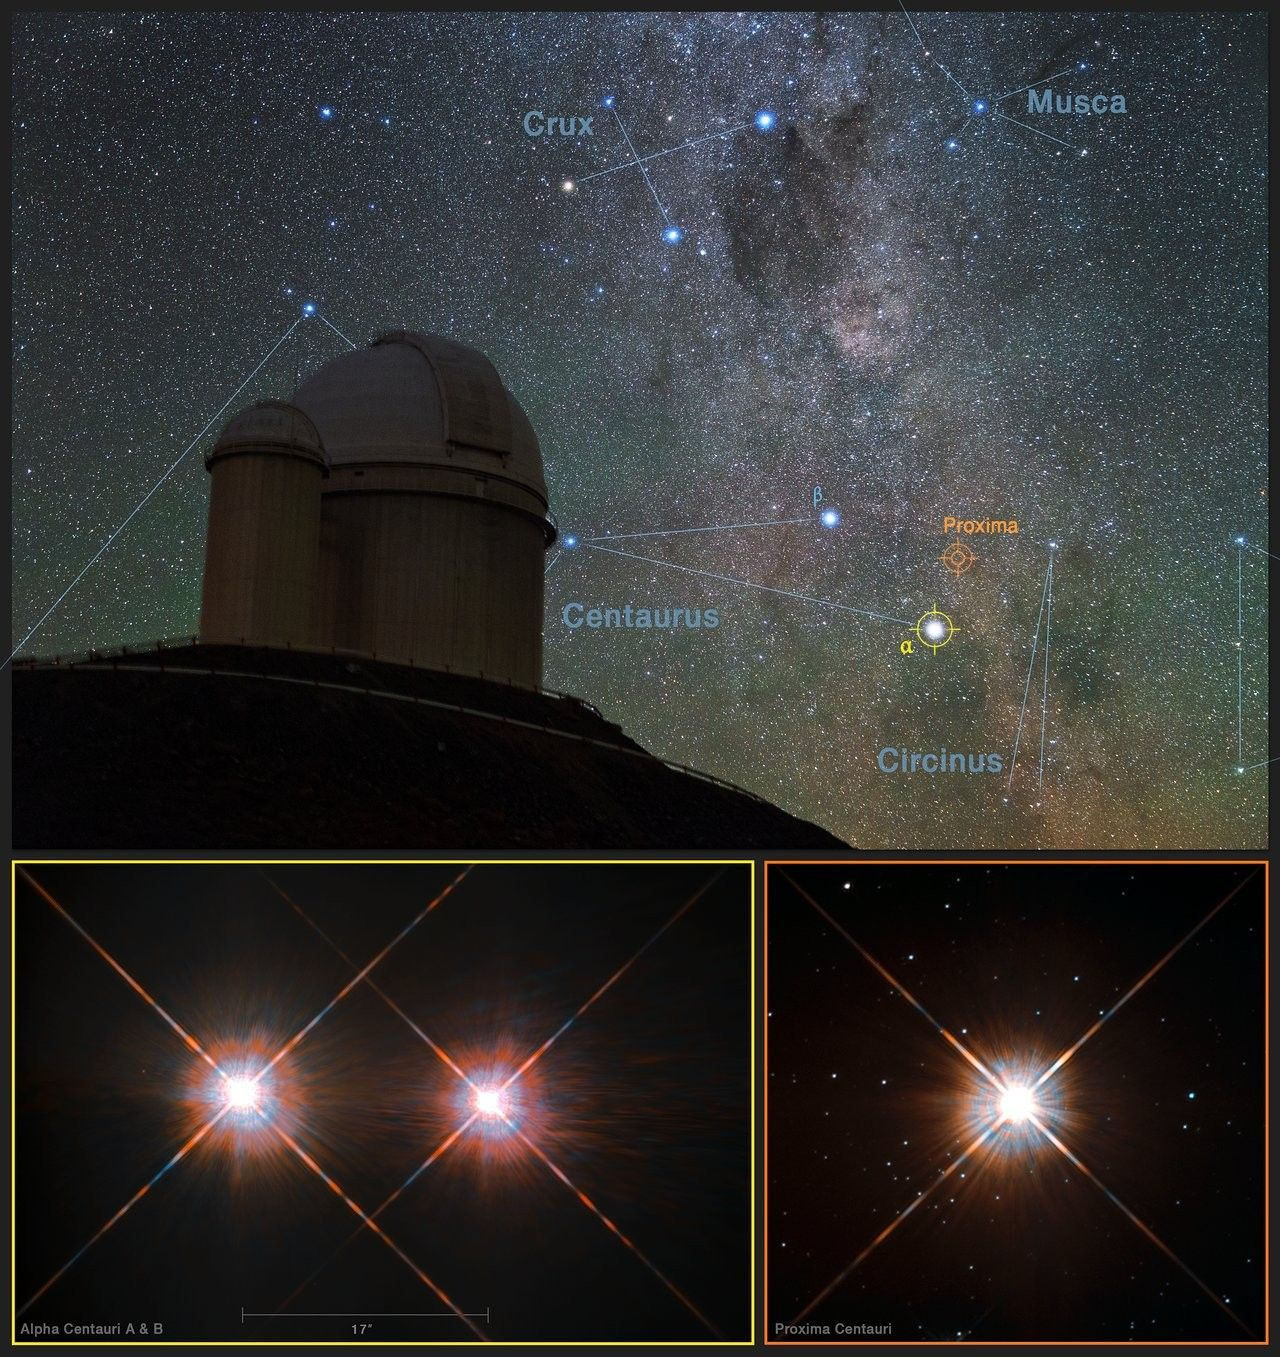 茫茫宇宙,如见比邻:发现4光年外的类地行星!